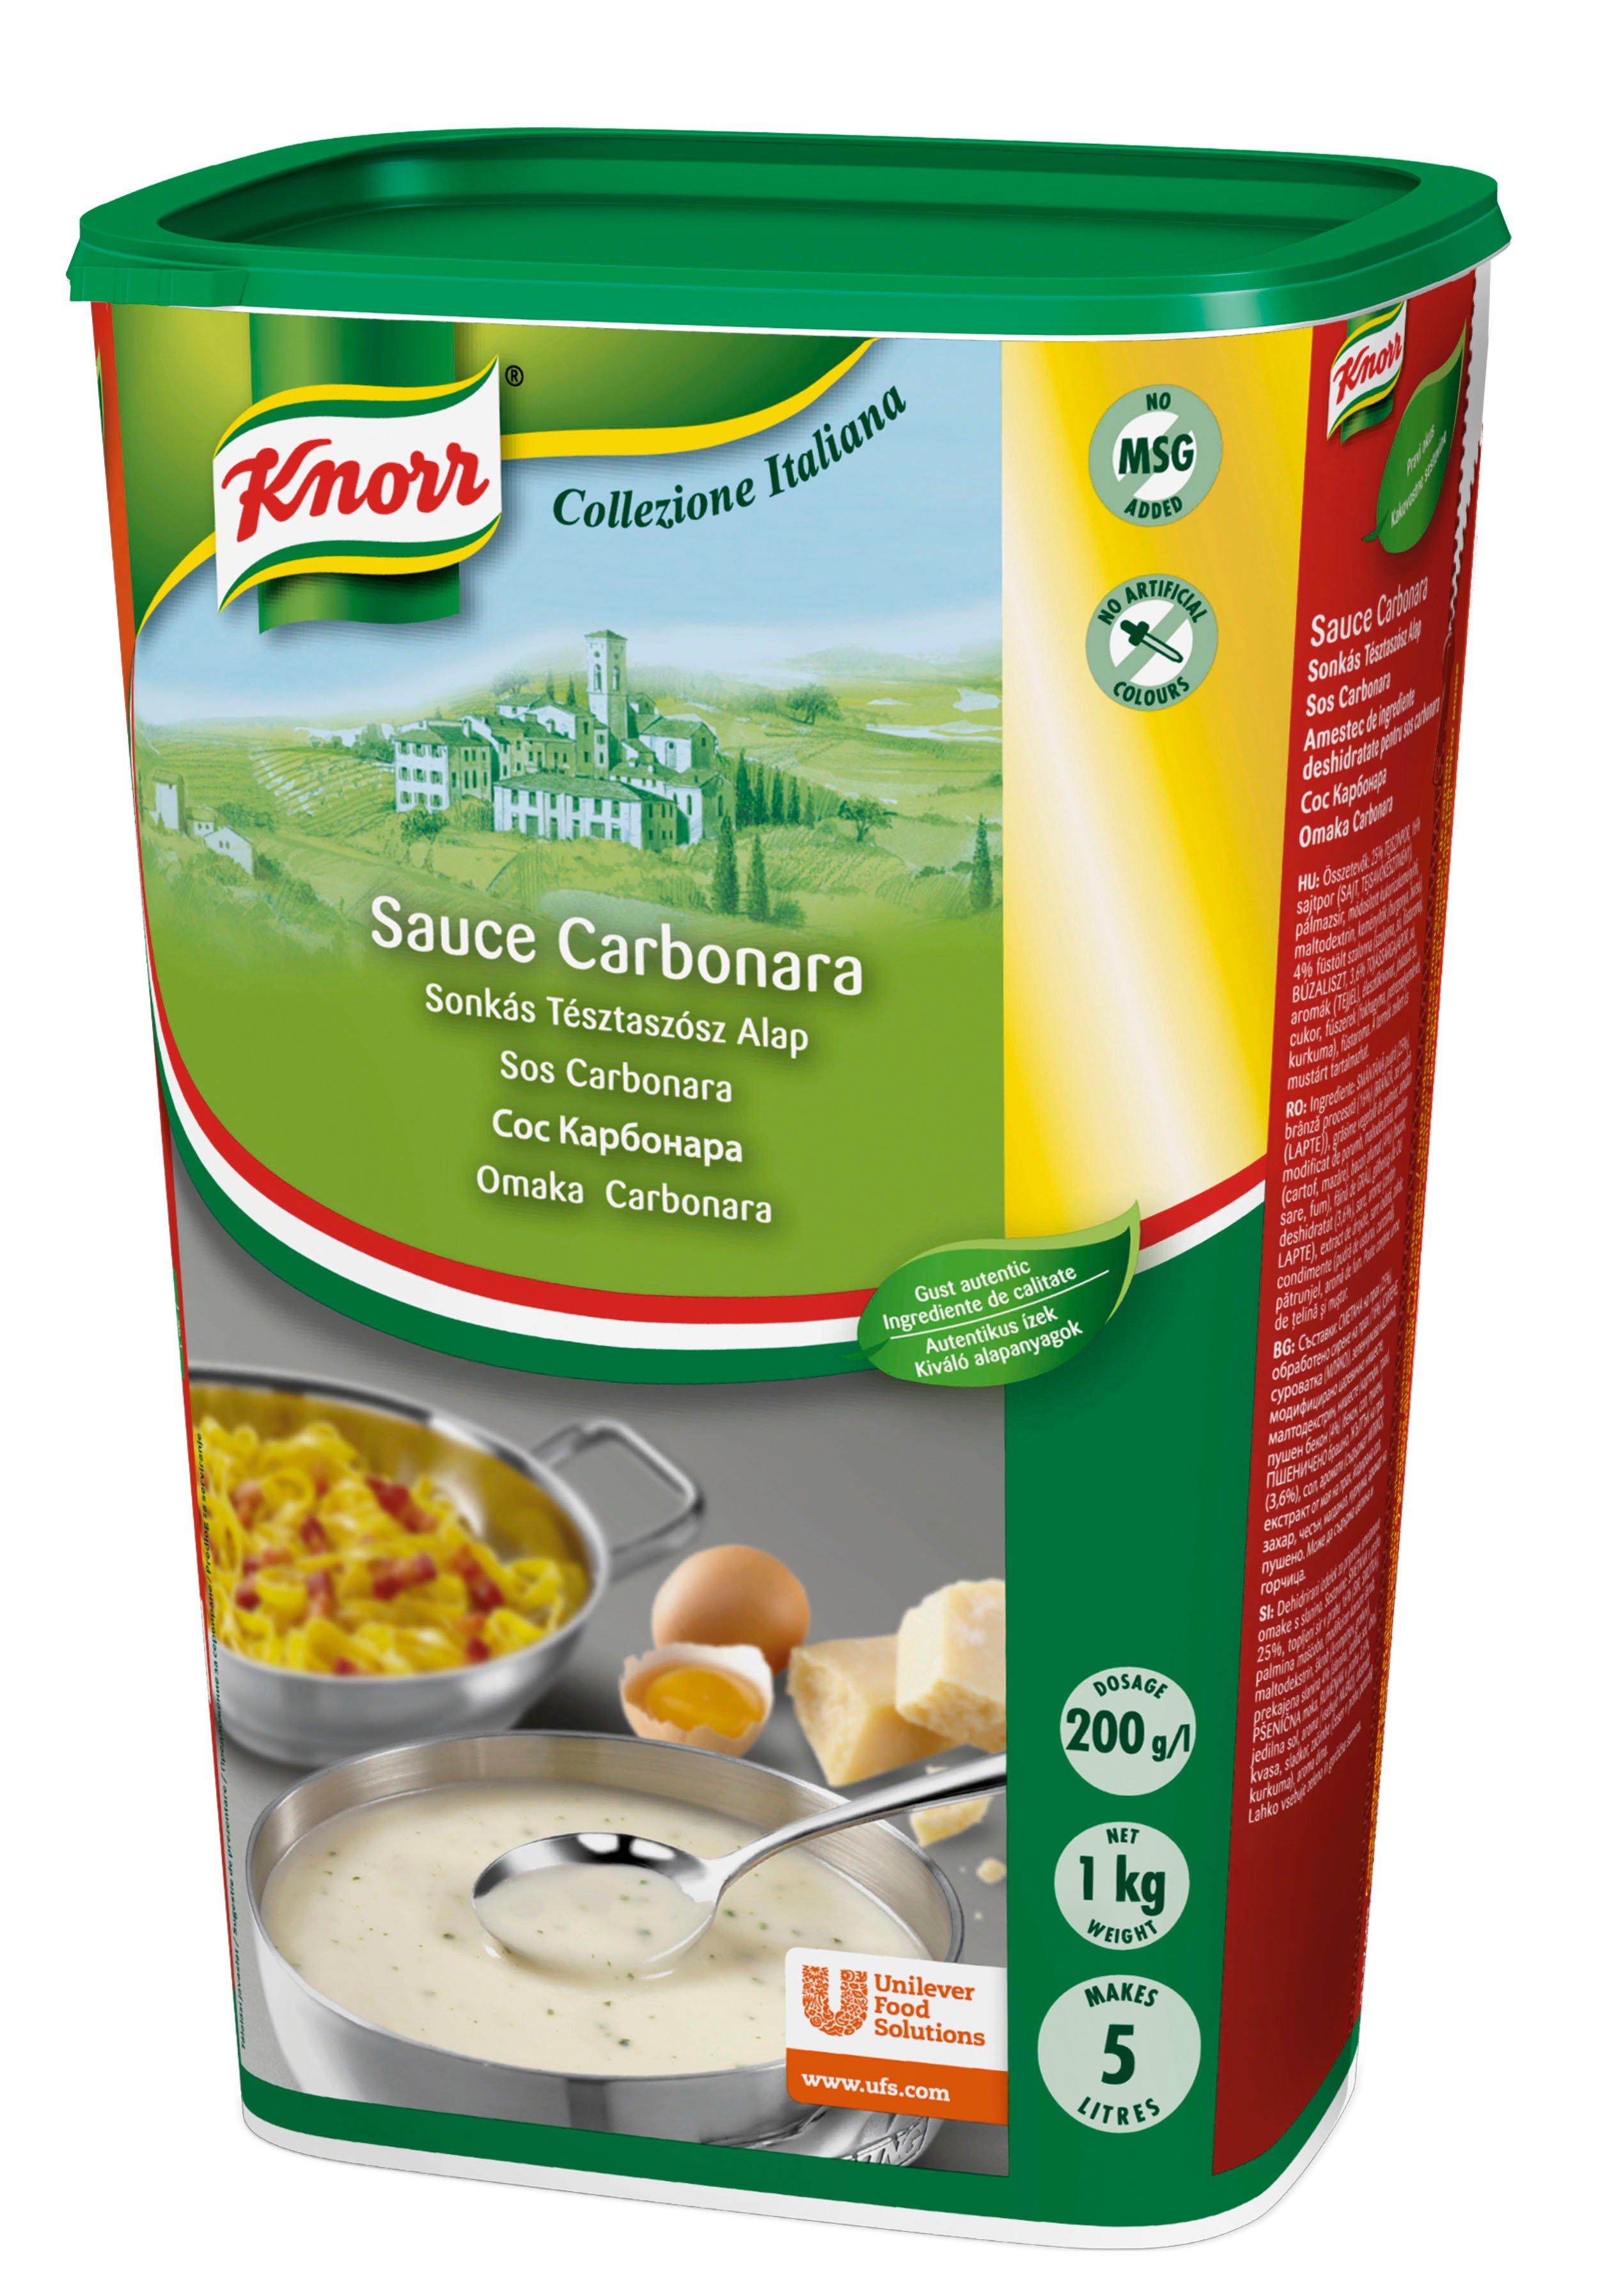 KNORR Collezione Italiana Sauce Carbonara (Sonkás tésztaszósz alap) 1kg -